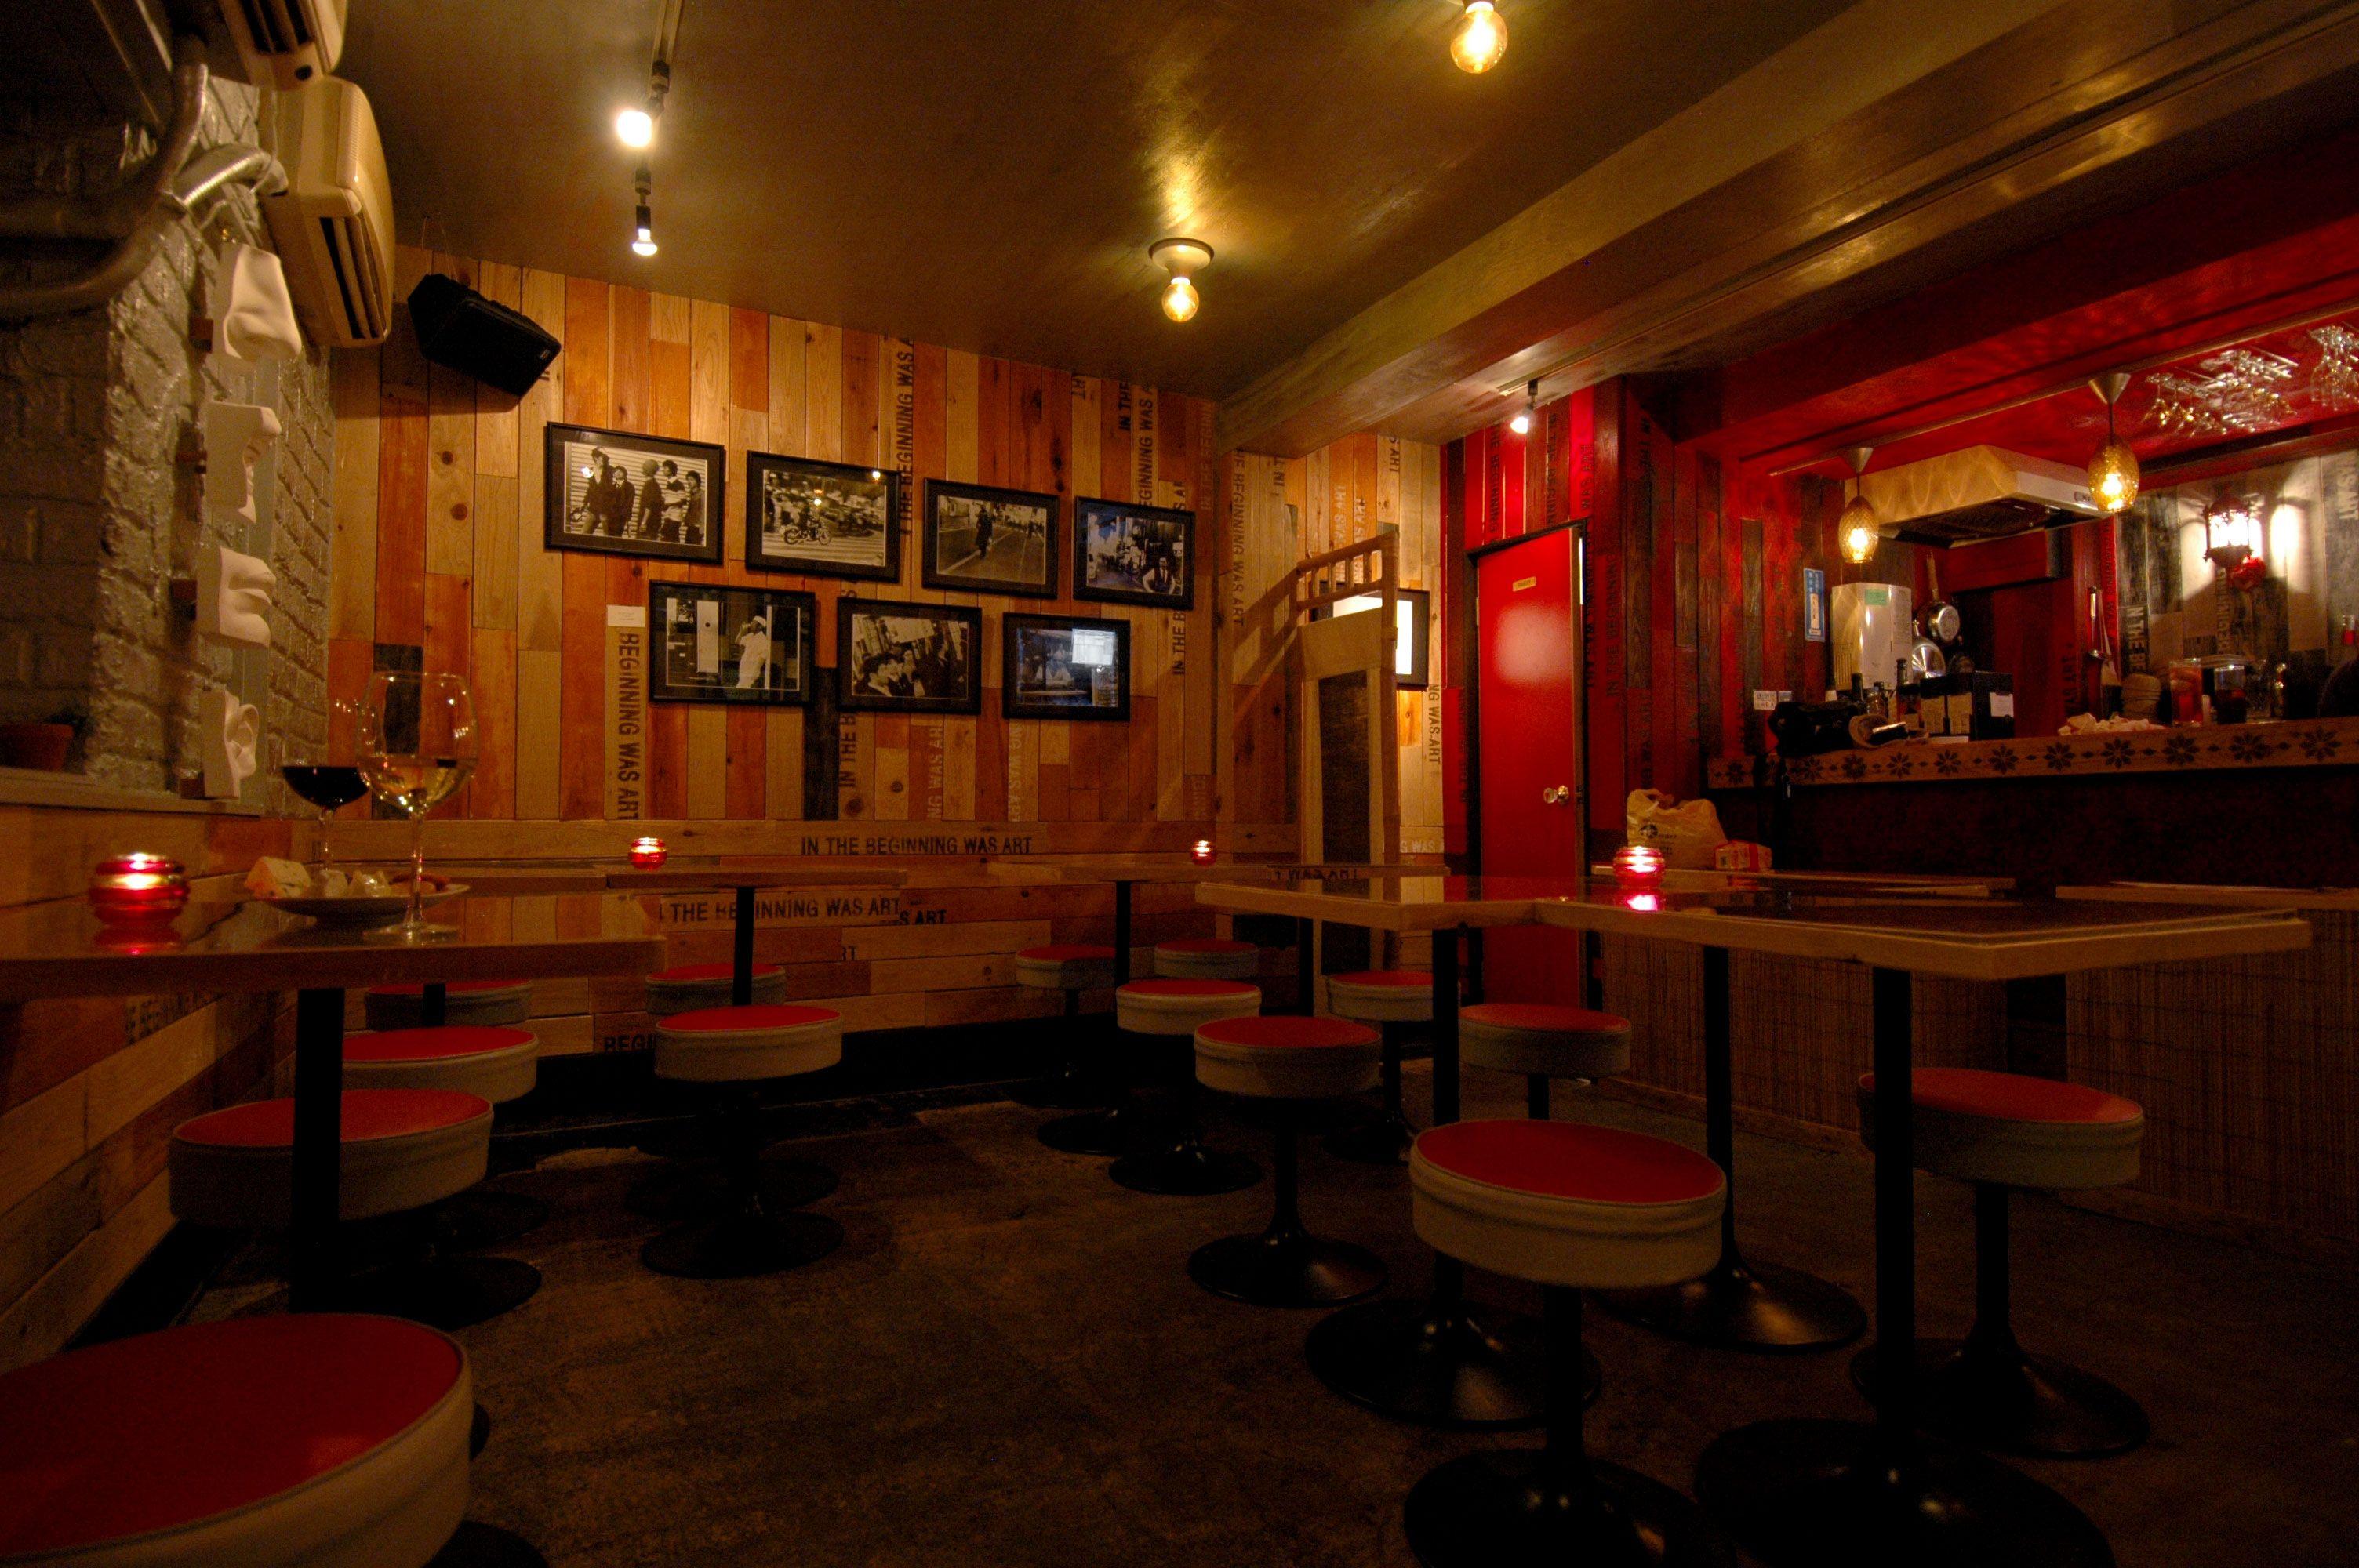 Bar Interior Golden Gai, Tokyo